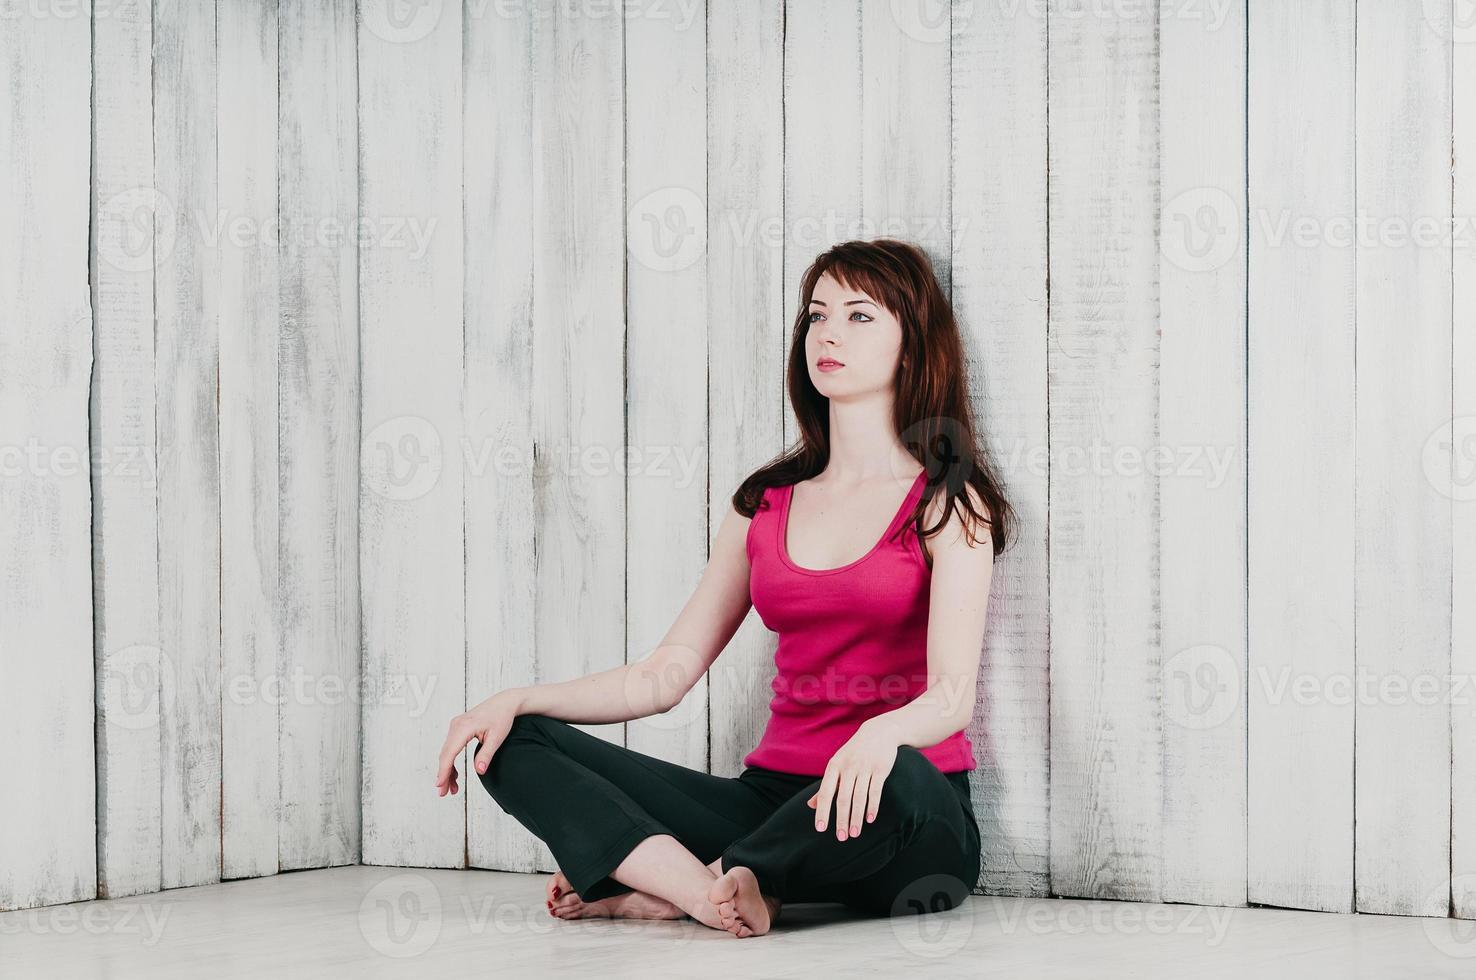 ragazza in top rosa, seduta a gambe incrociate sul pavimento, sfondo chiaro foto